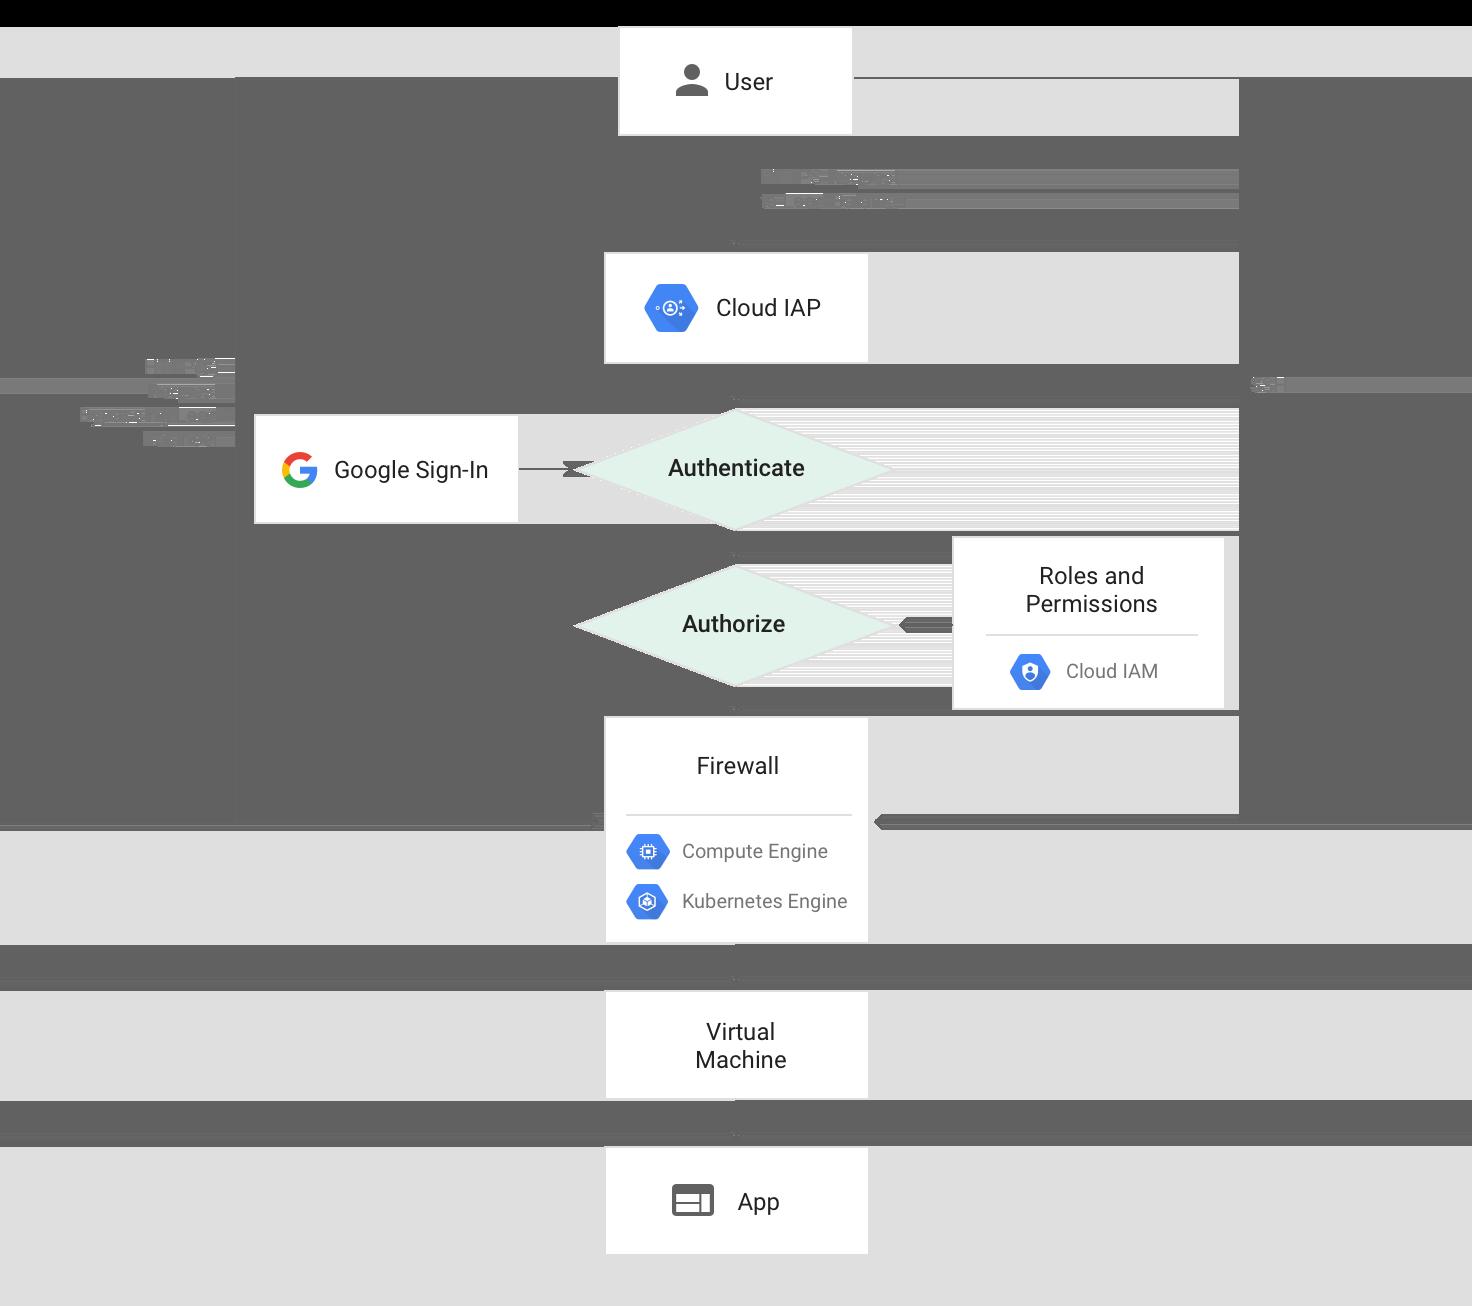 Diagramm des Anfragepfads zu Compute Engine und Kubernetes Engine bei Verwendung von Cloud IAP